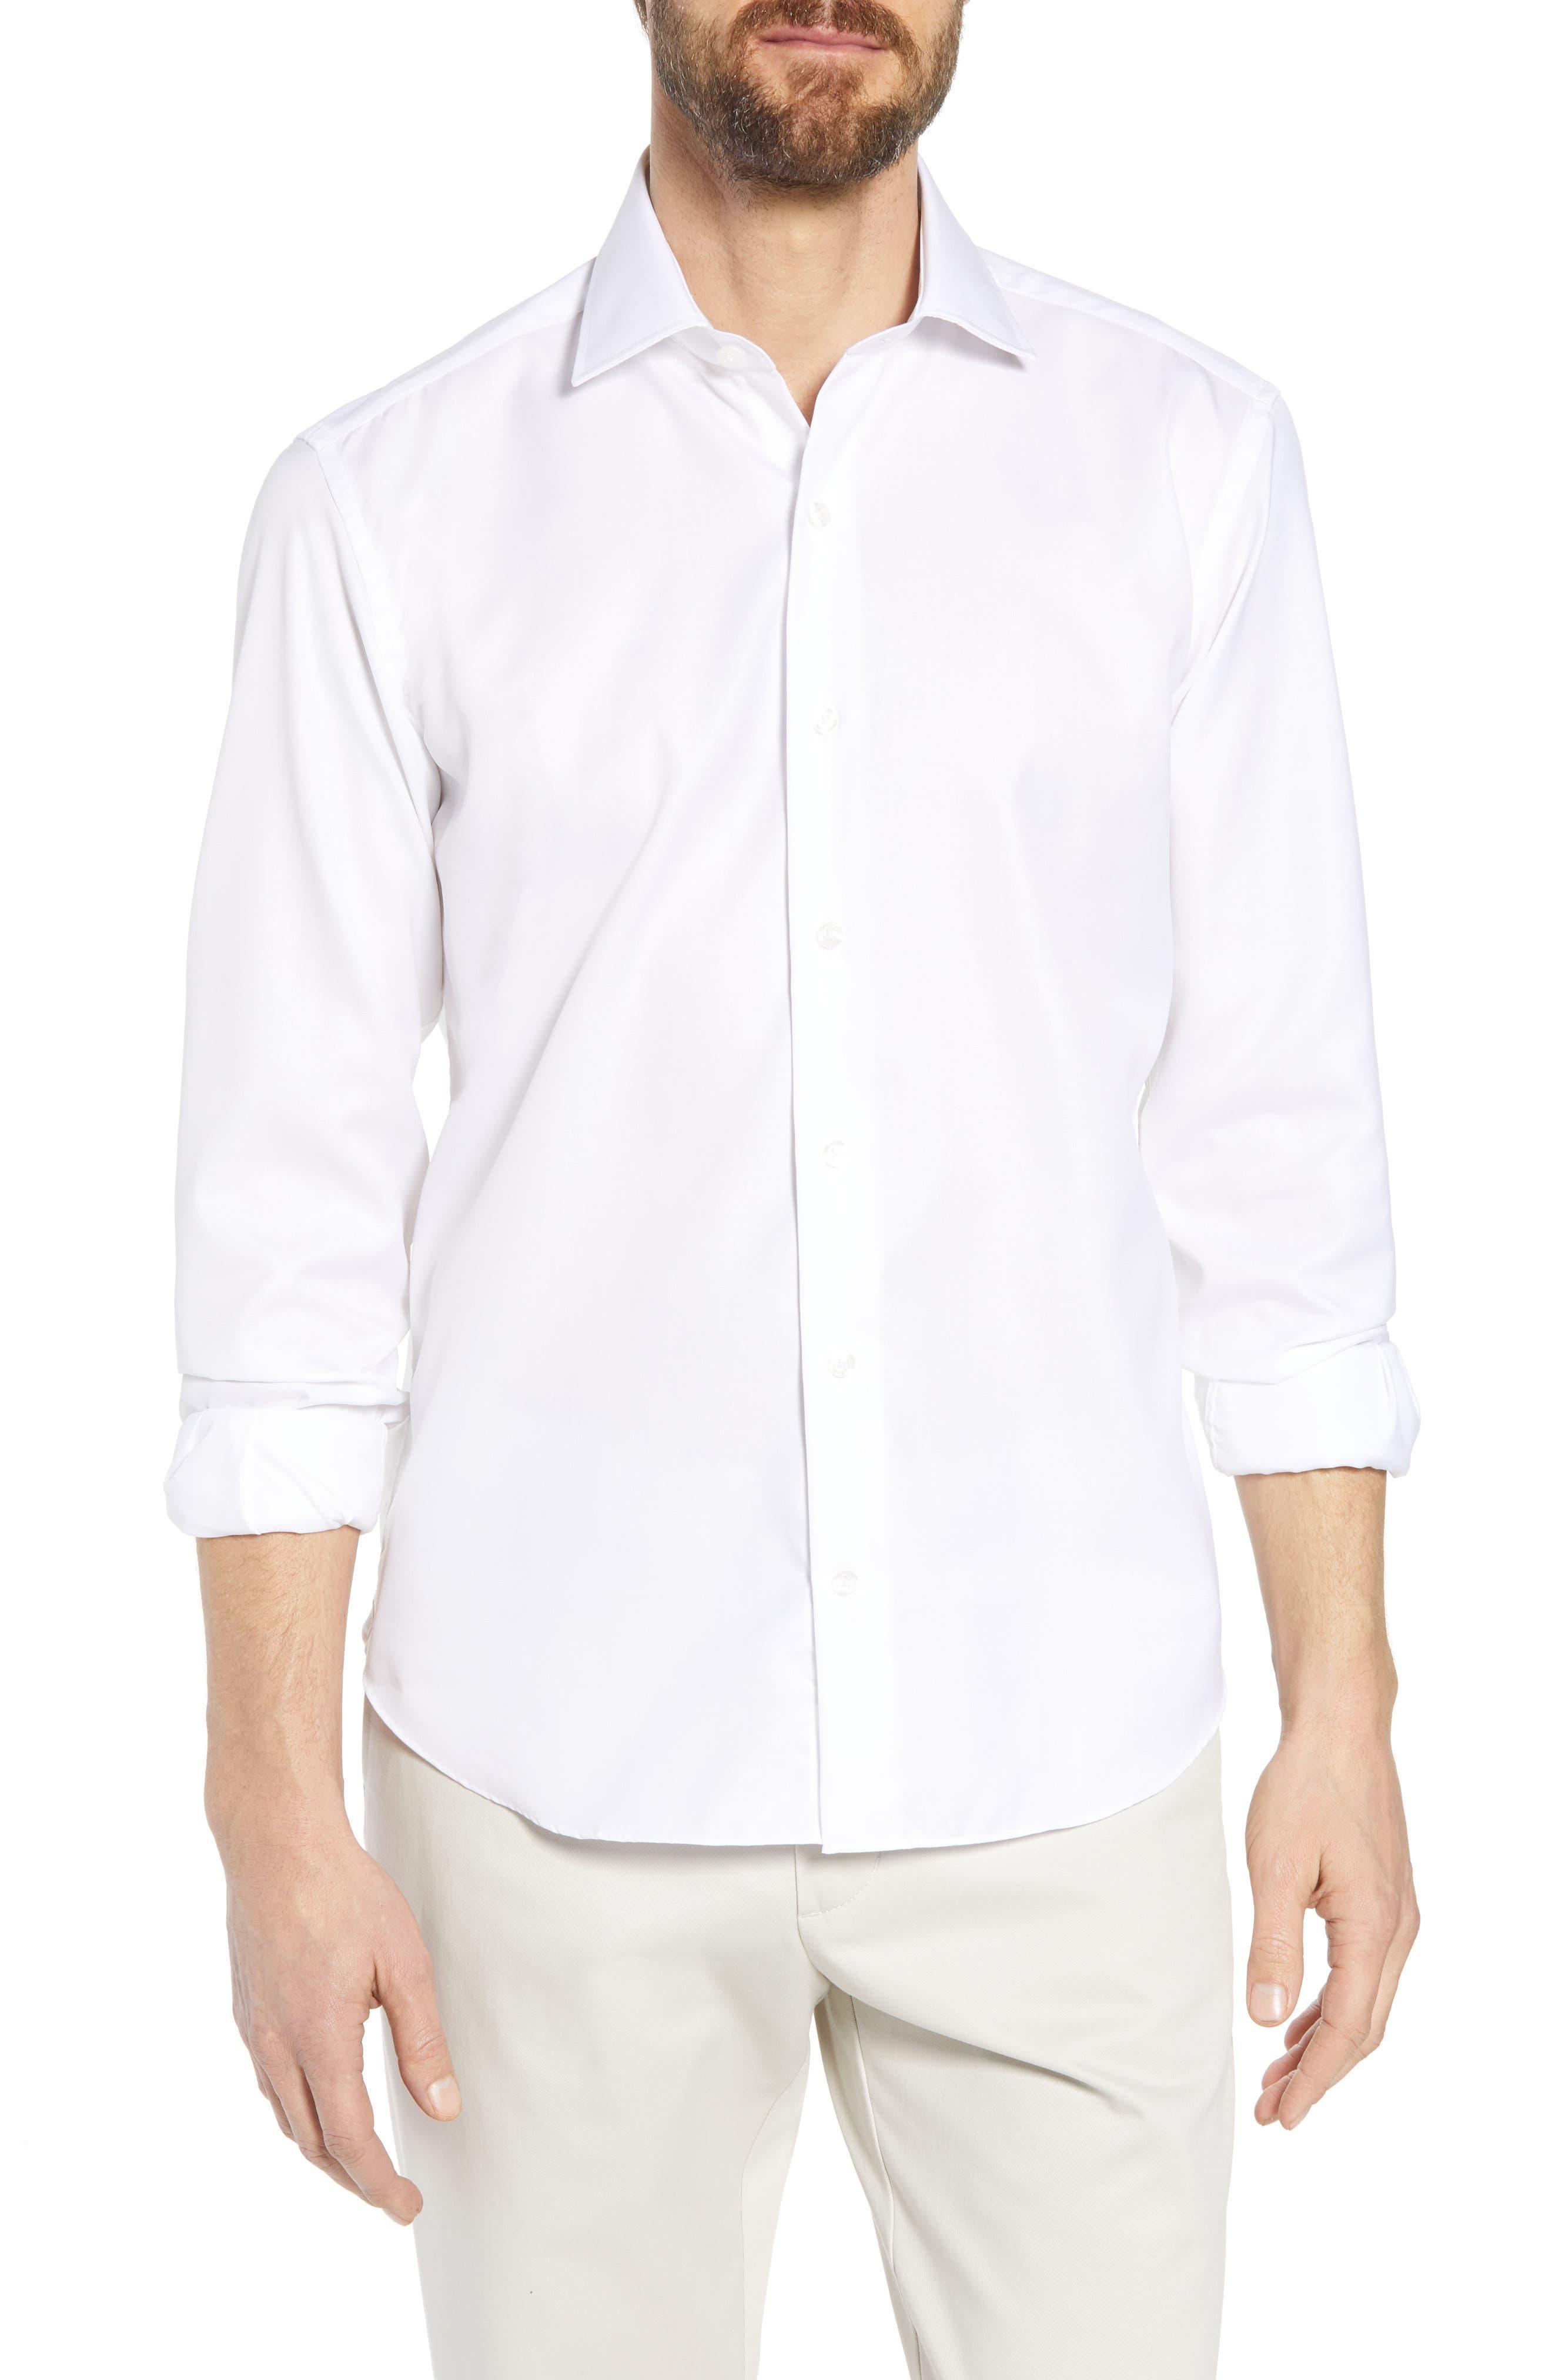 Crease Free Extra Soft Sport Shirt,                             Main thumbnail 1, color,                             100